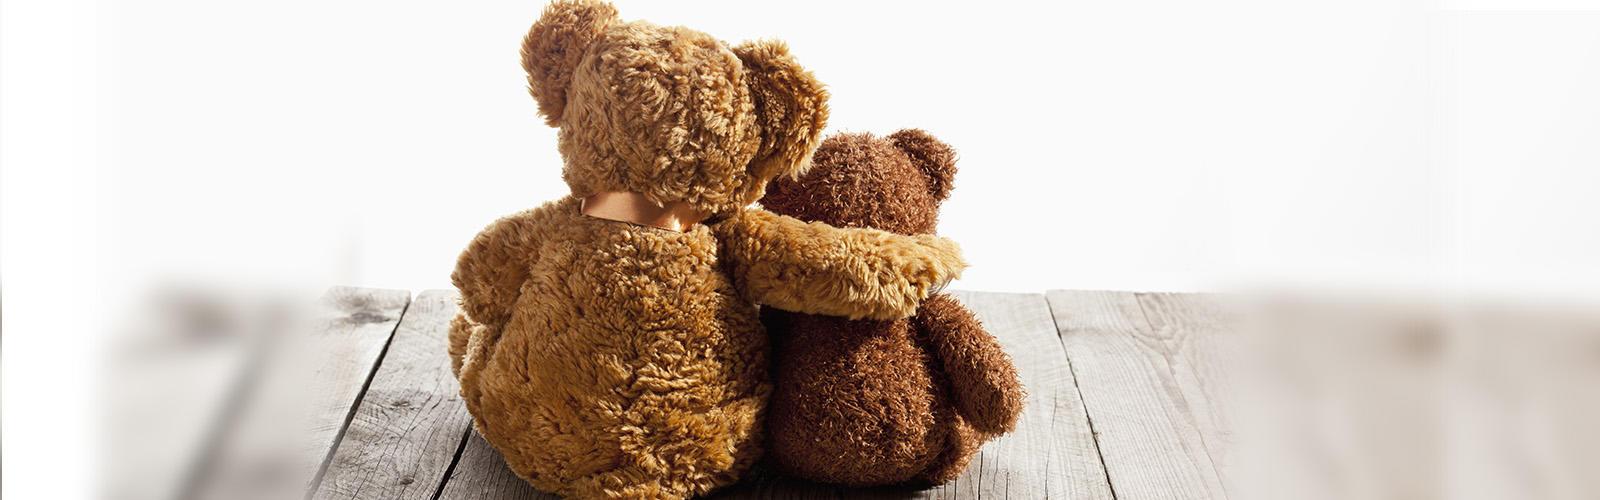 bittersweet_teddybears_1.jpg